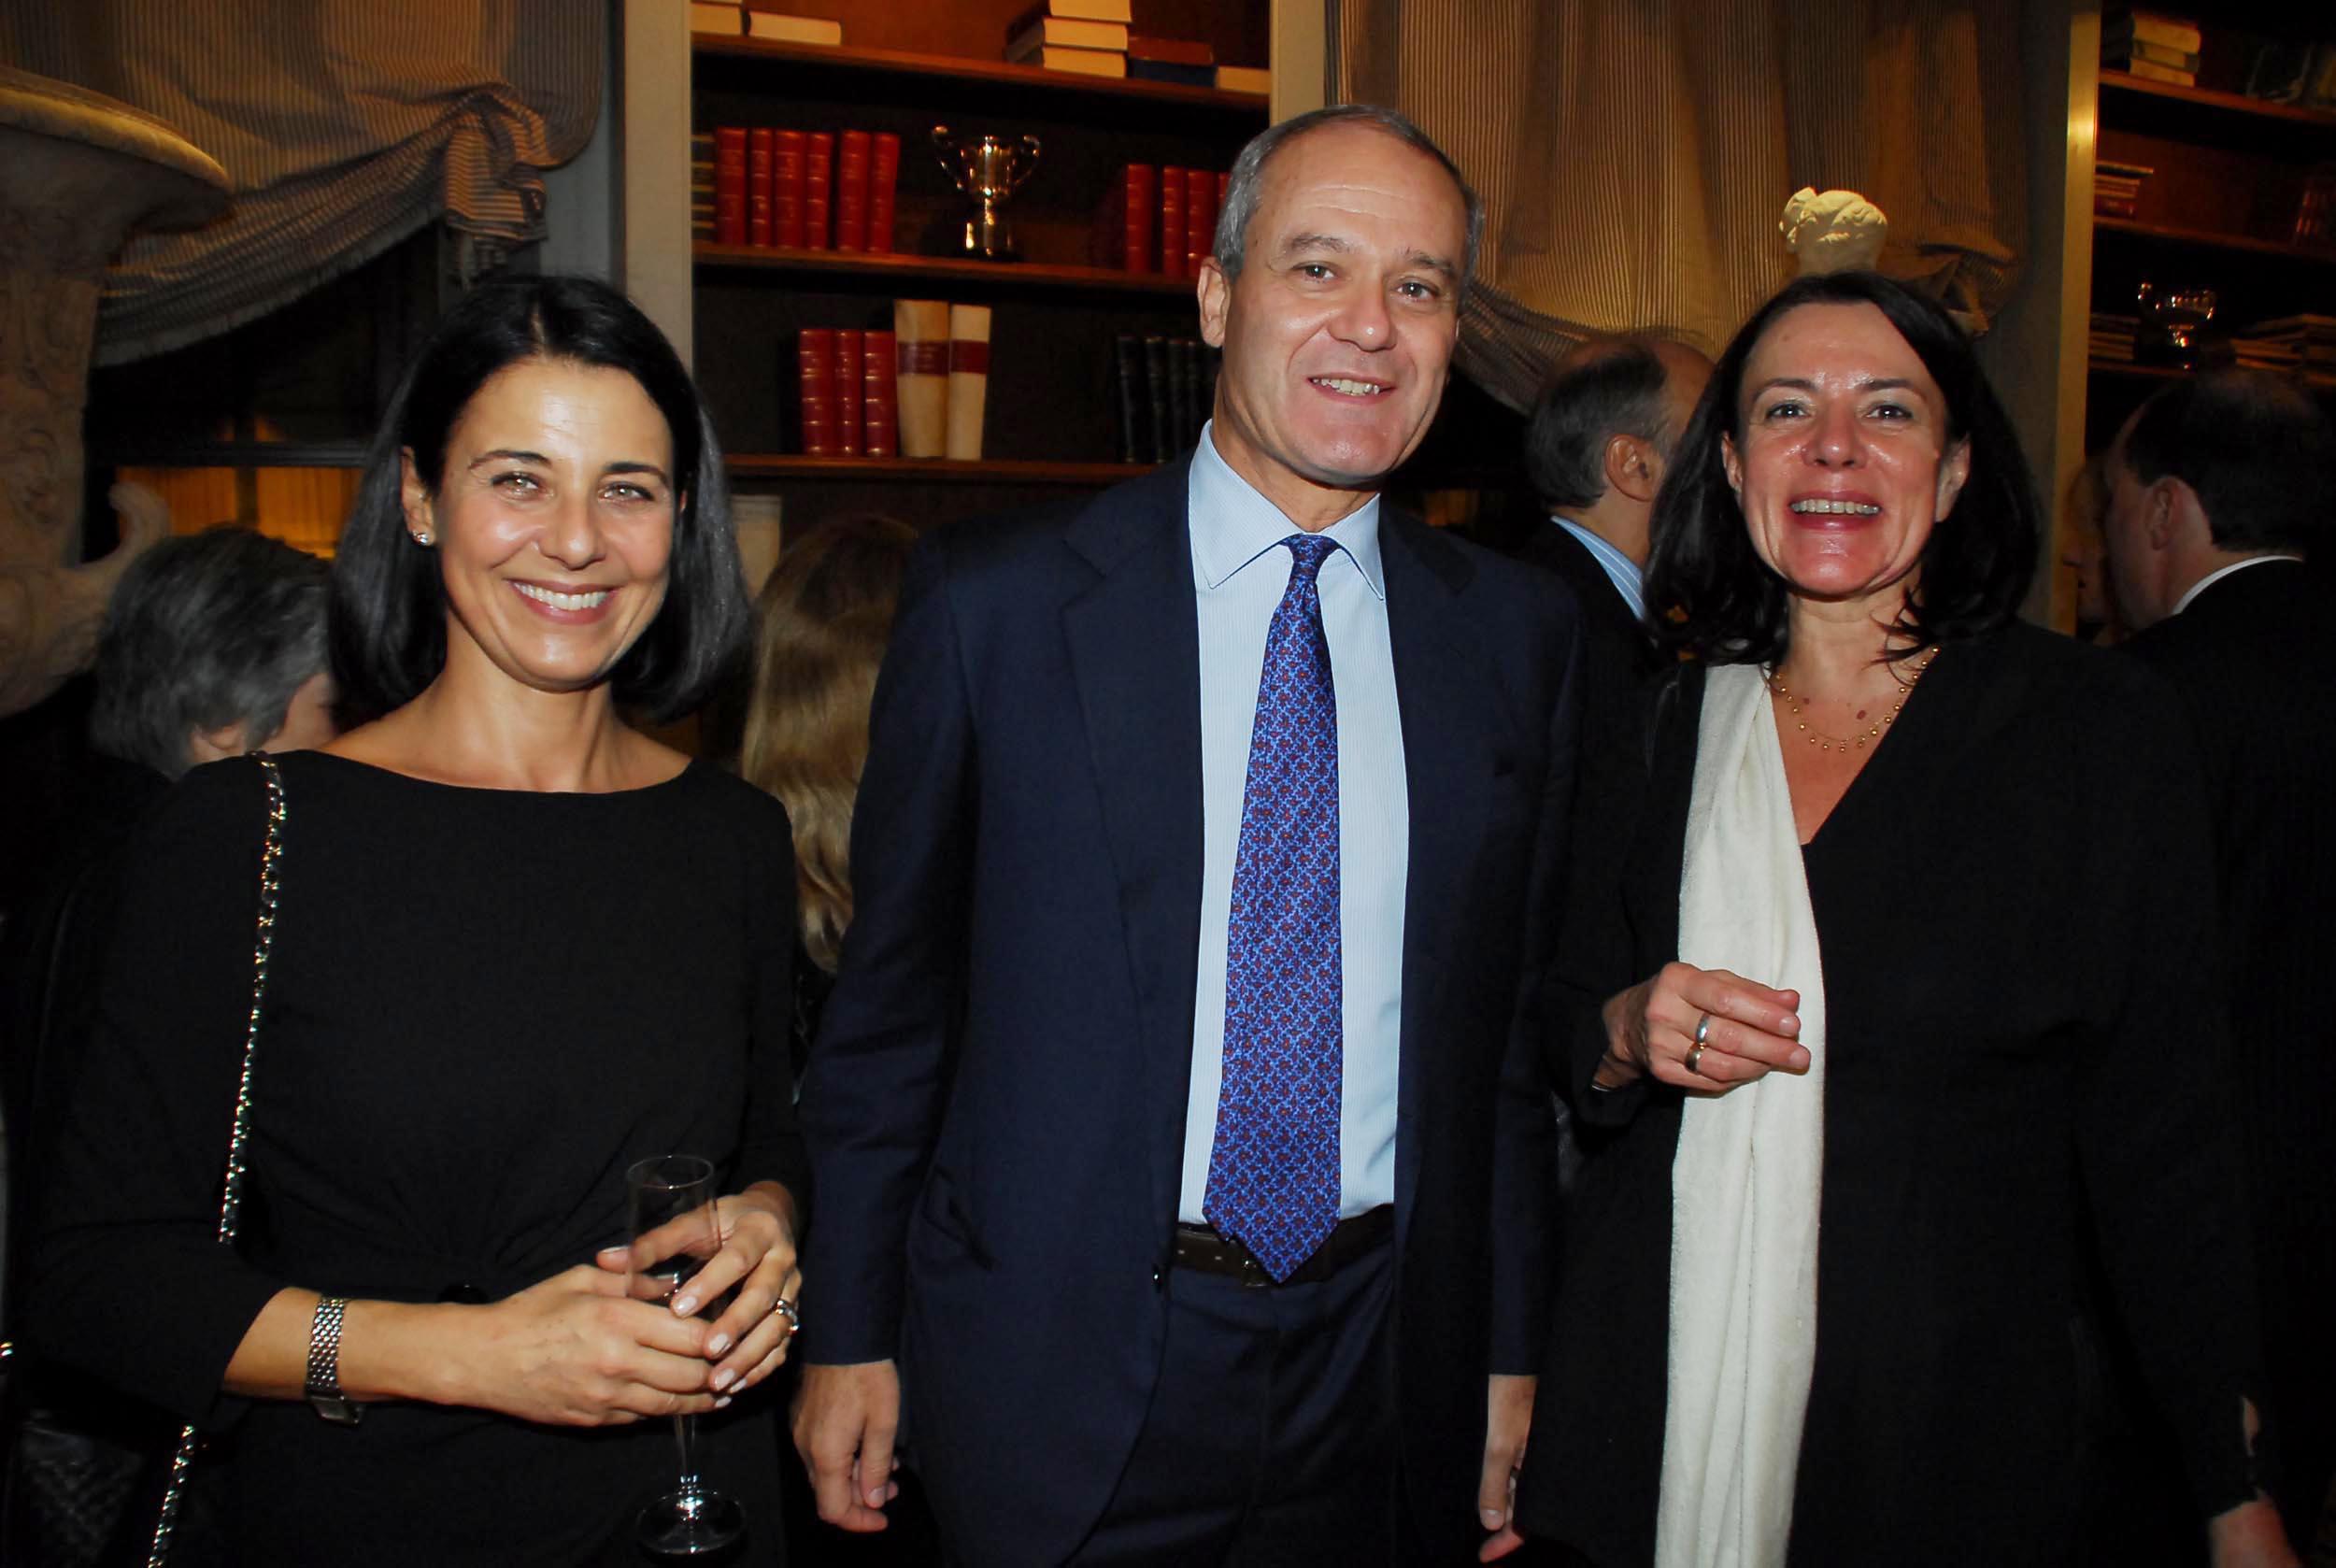 PRESSPHOTO Firenze, Cinema Odeon, Renzi assegna il Fiorino d'oro a Charles Aznavour, segue cena di gala a Palazzo Tornabuoni. In foto Stefania Ippoliti, Jacopo Mazzei e Anita Dolfus